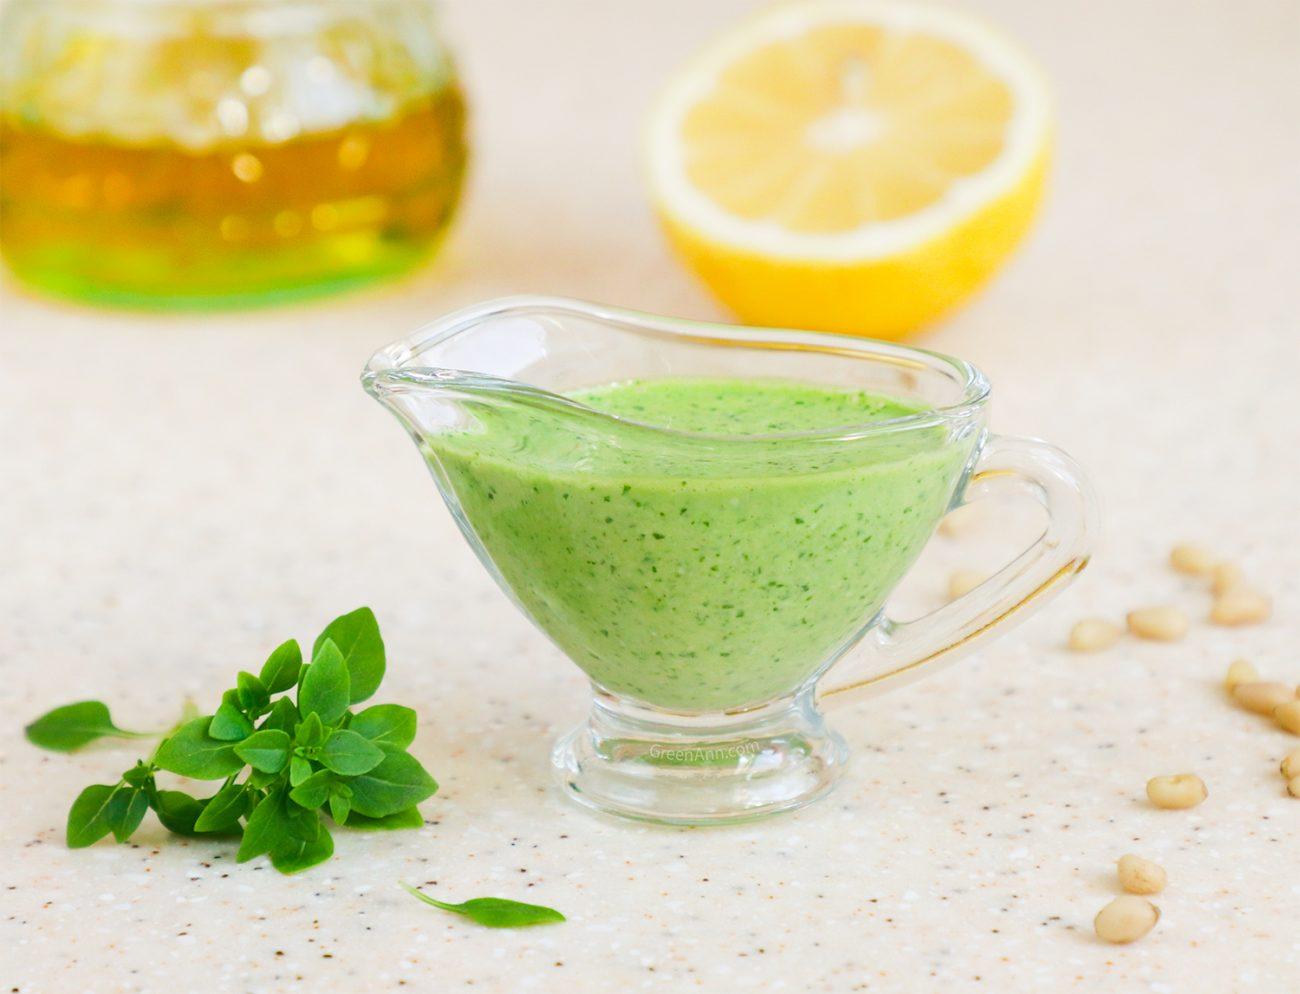 Creamy Vegan Pesto Sauce with Pine Nuts